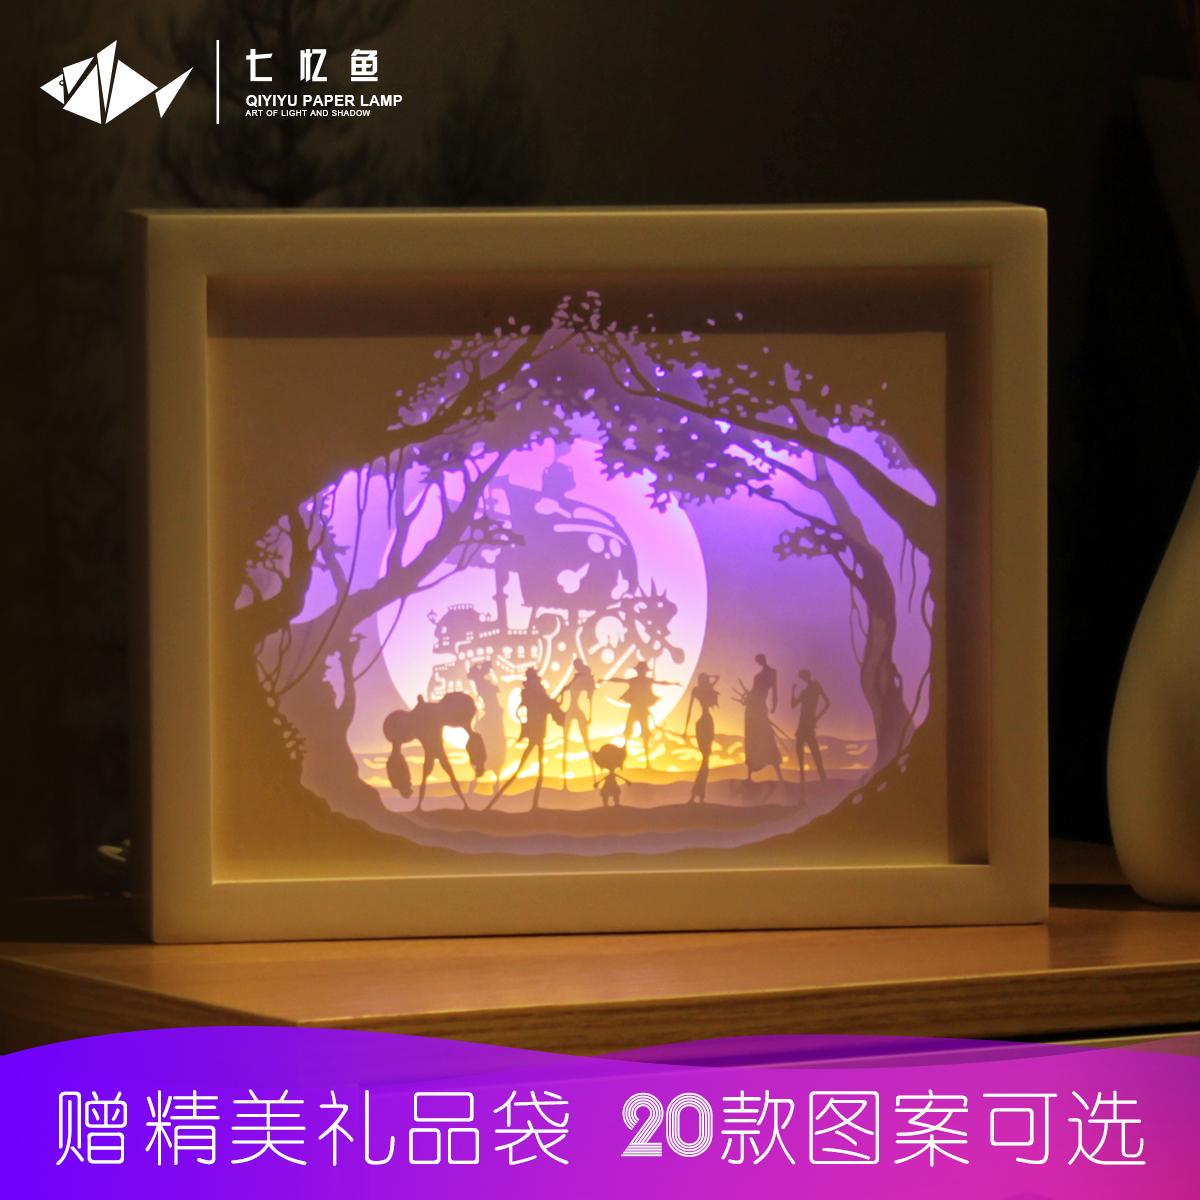 7 Вспоминая резку рыбы и теневой бумаги свет Материал Diy пакет ручная работа Создание 3D стерео шейкера свет Односекционный стек свет